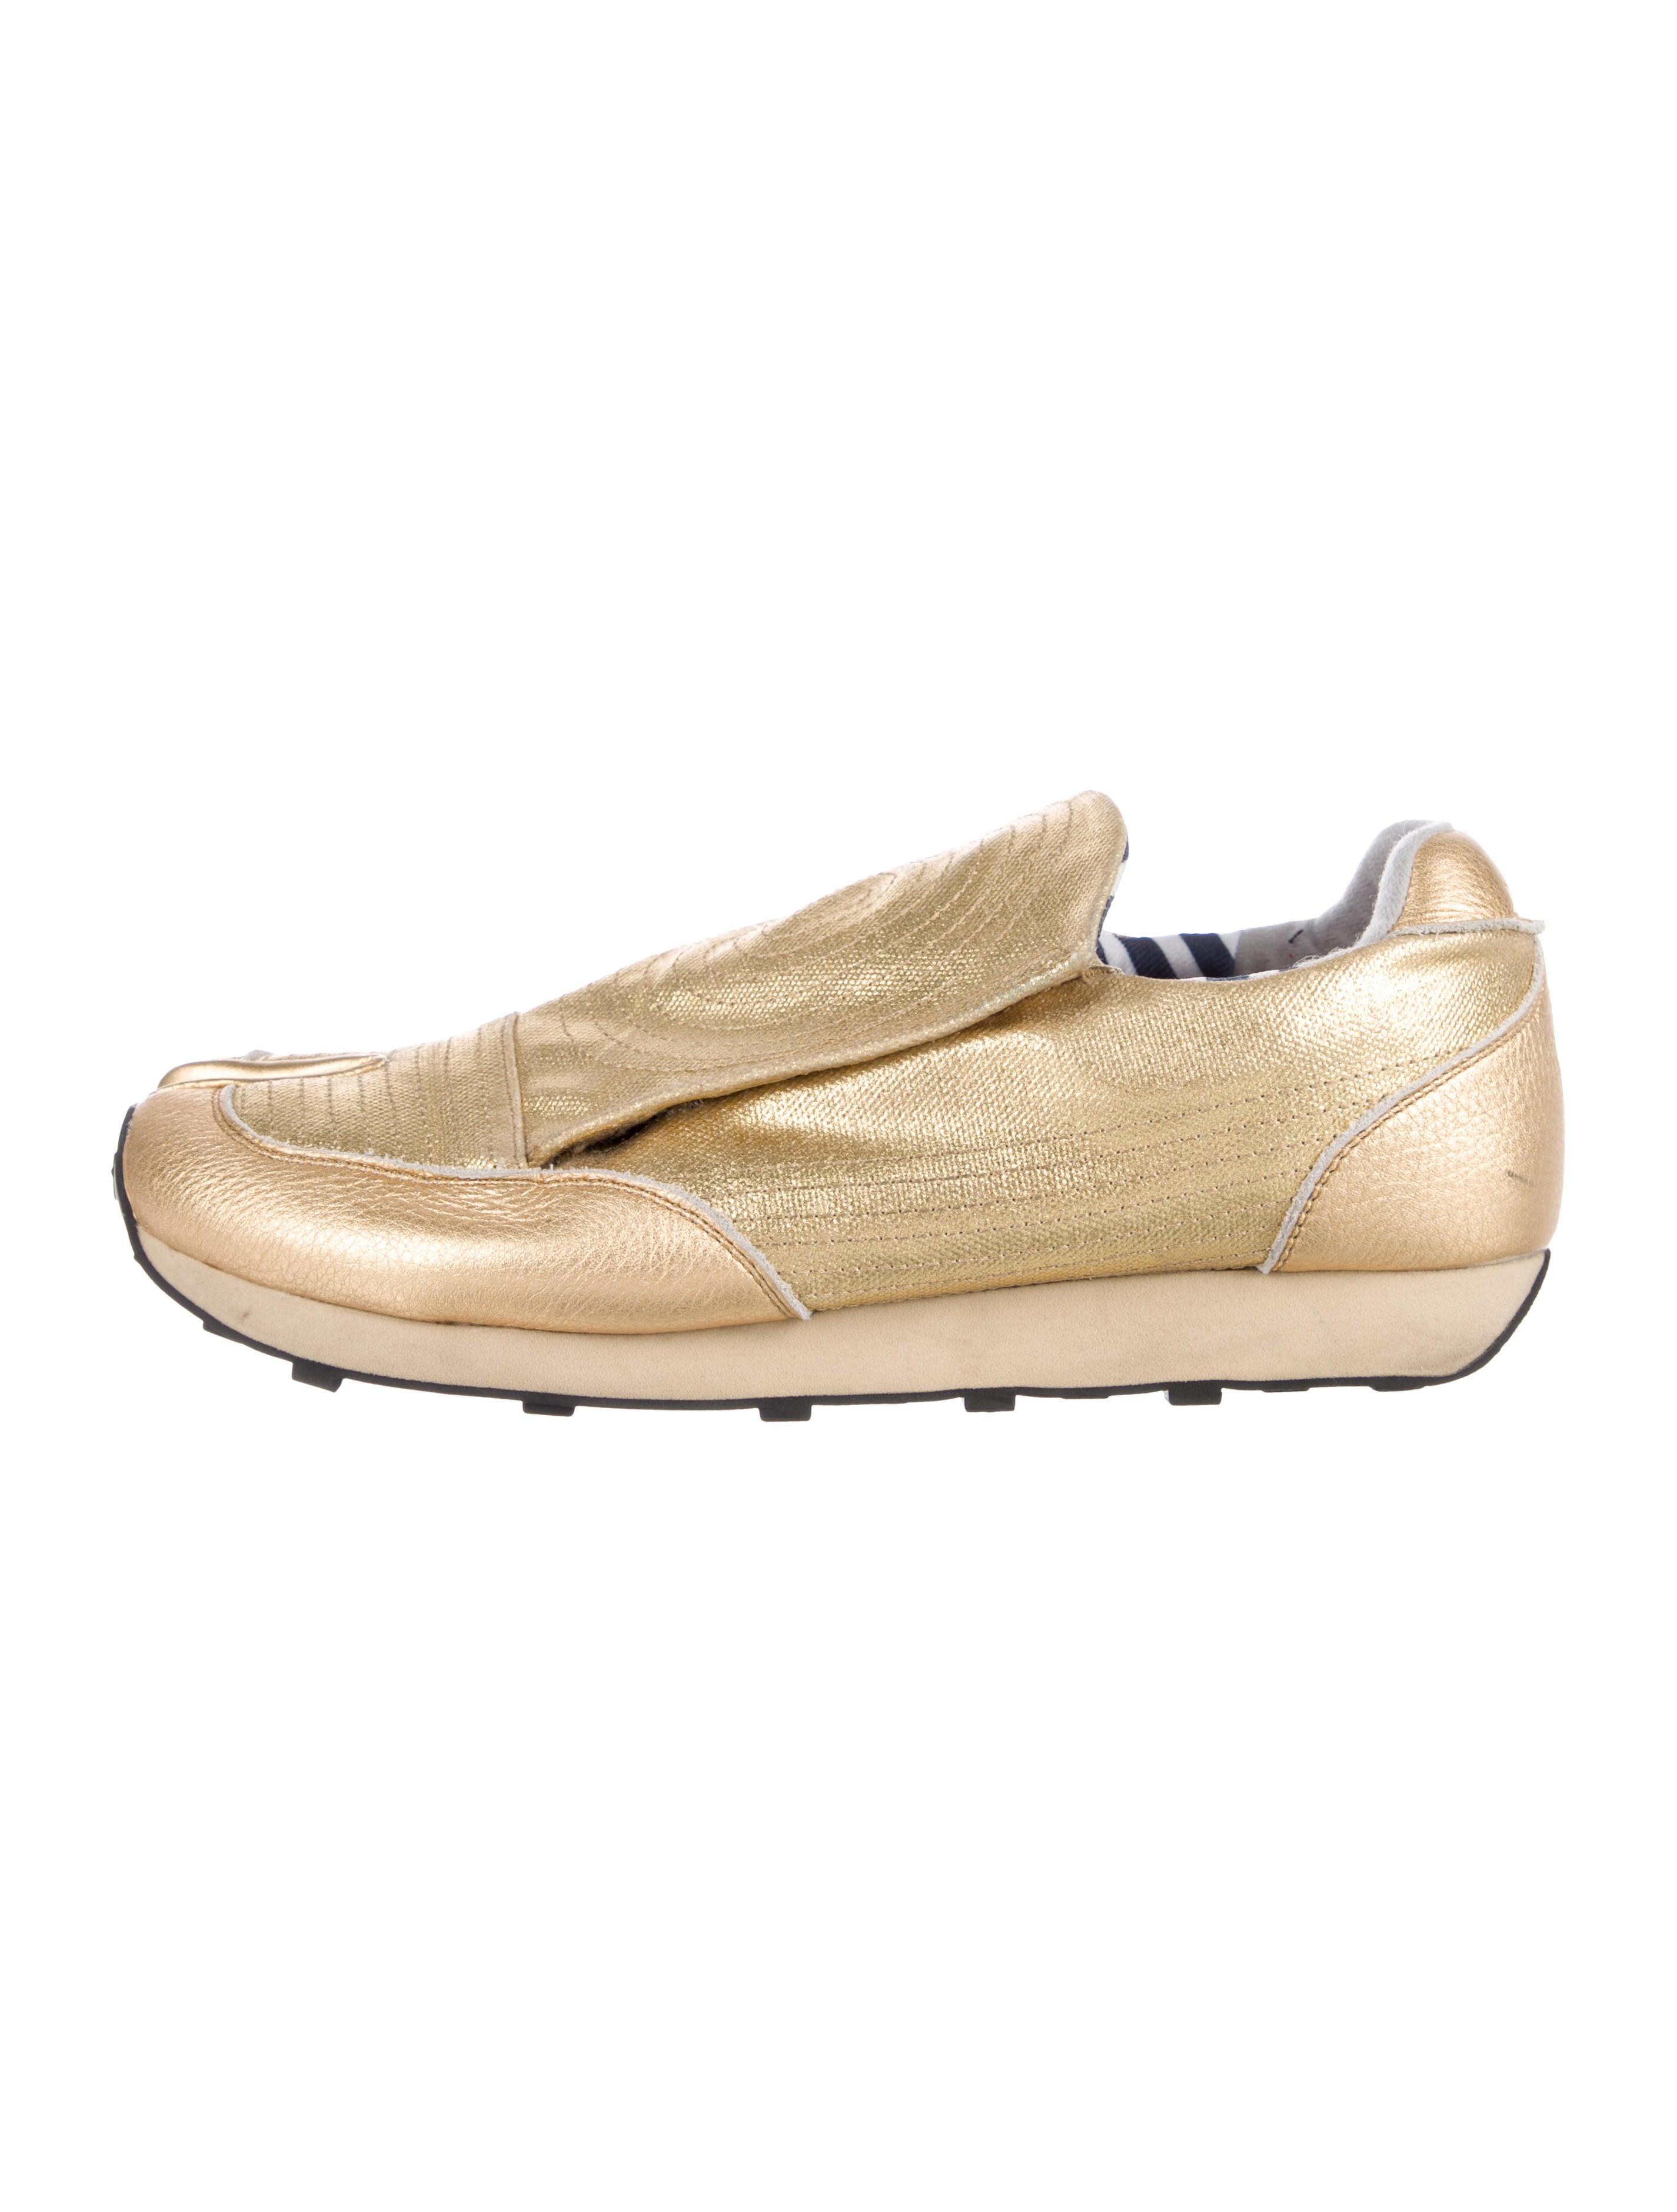 Kapital Tabi Split-Toe Sneakers - Shoes